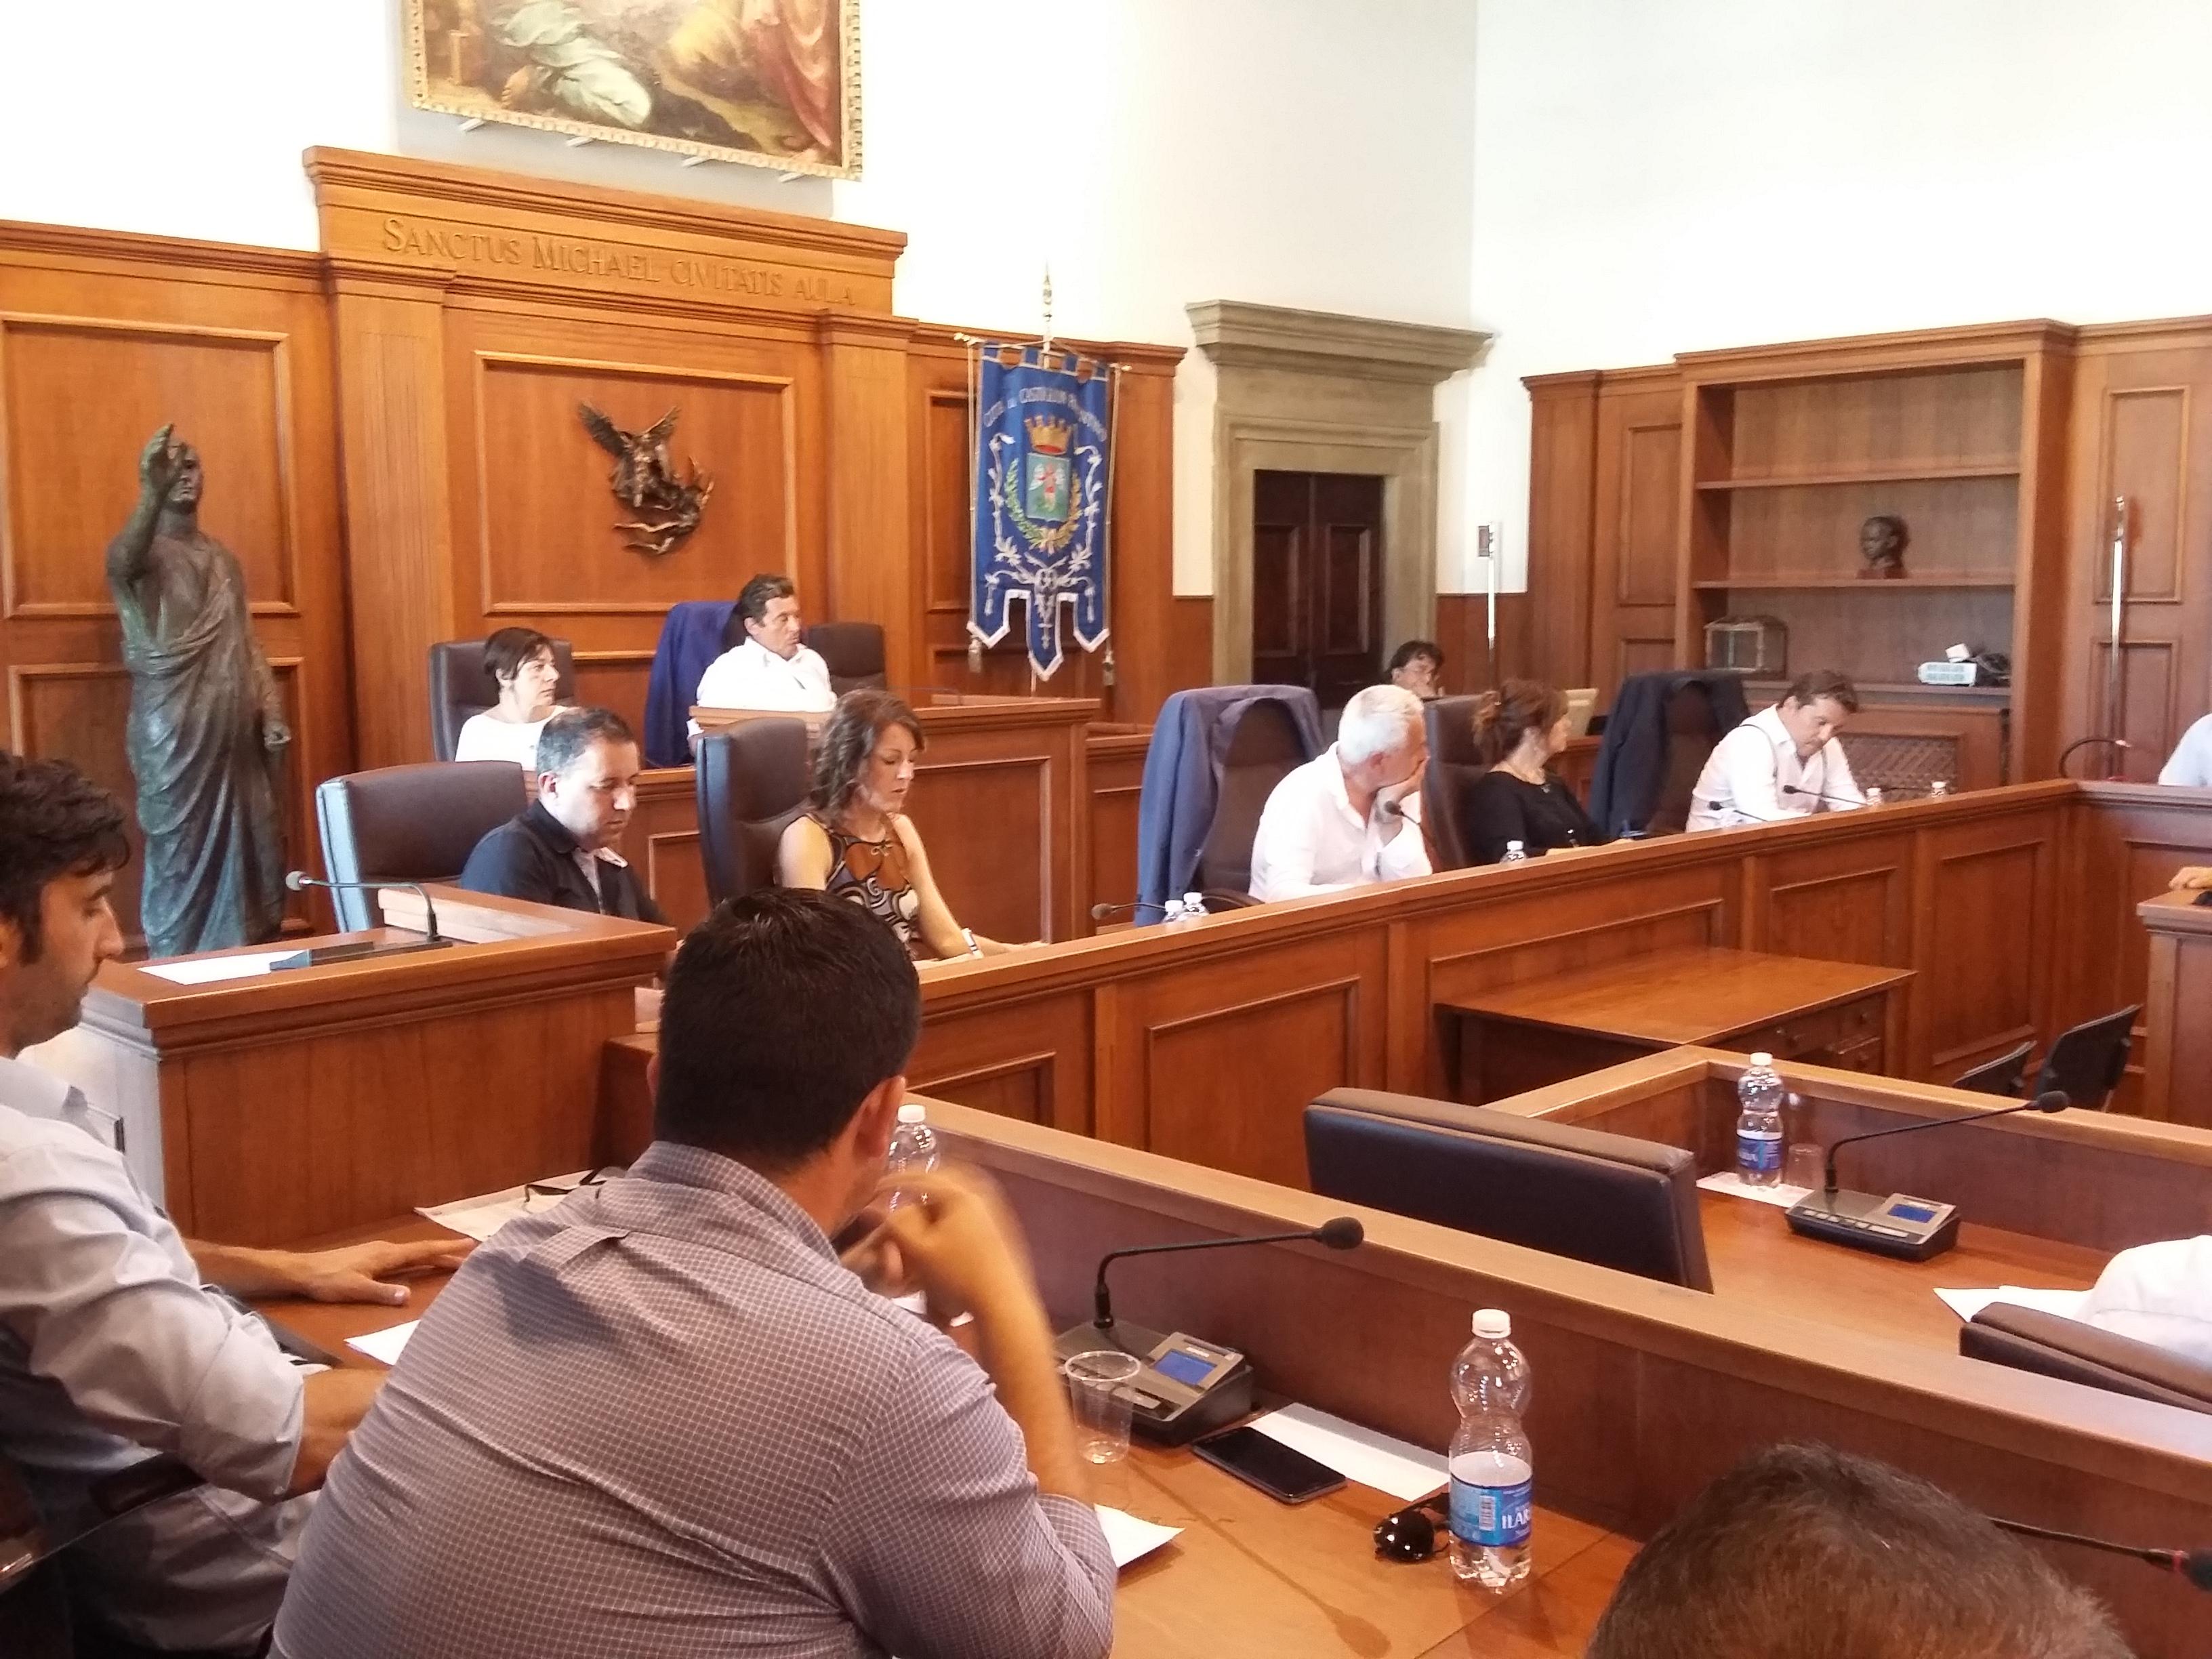 Ampliamento della Menci, approvato all'unanimità il Piano Attuativo